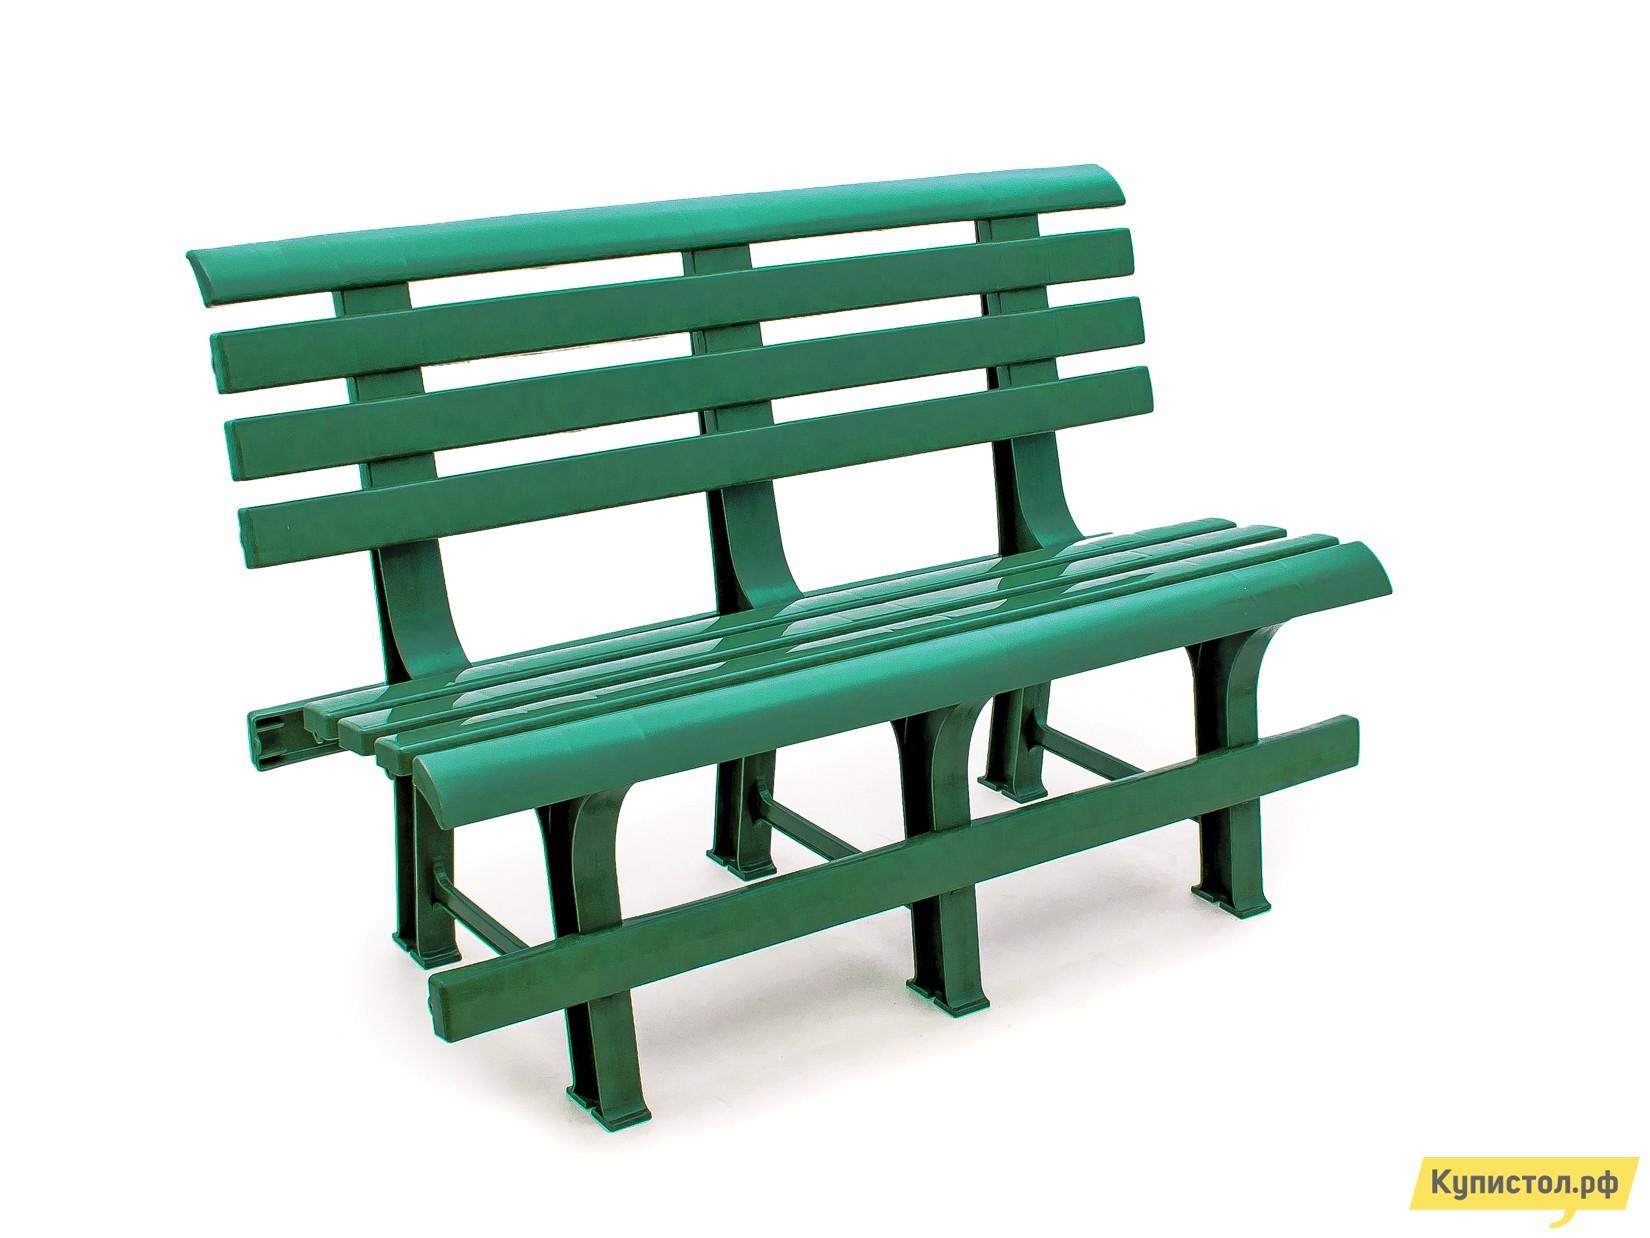 Скамейка Стандарт Пластик Скамья №2 (1200х530х800) мм Болотный